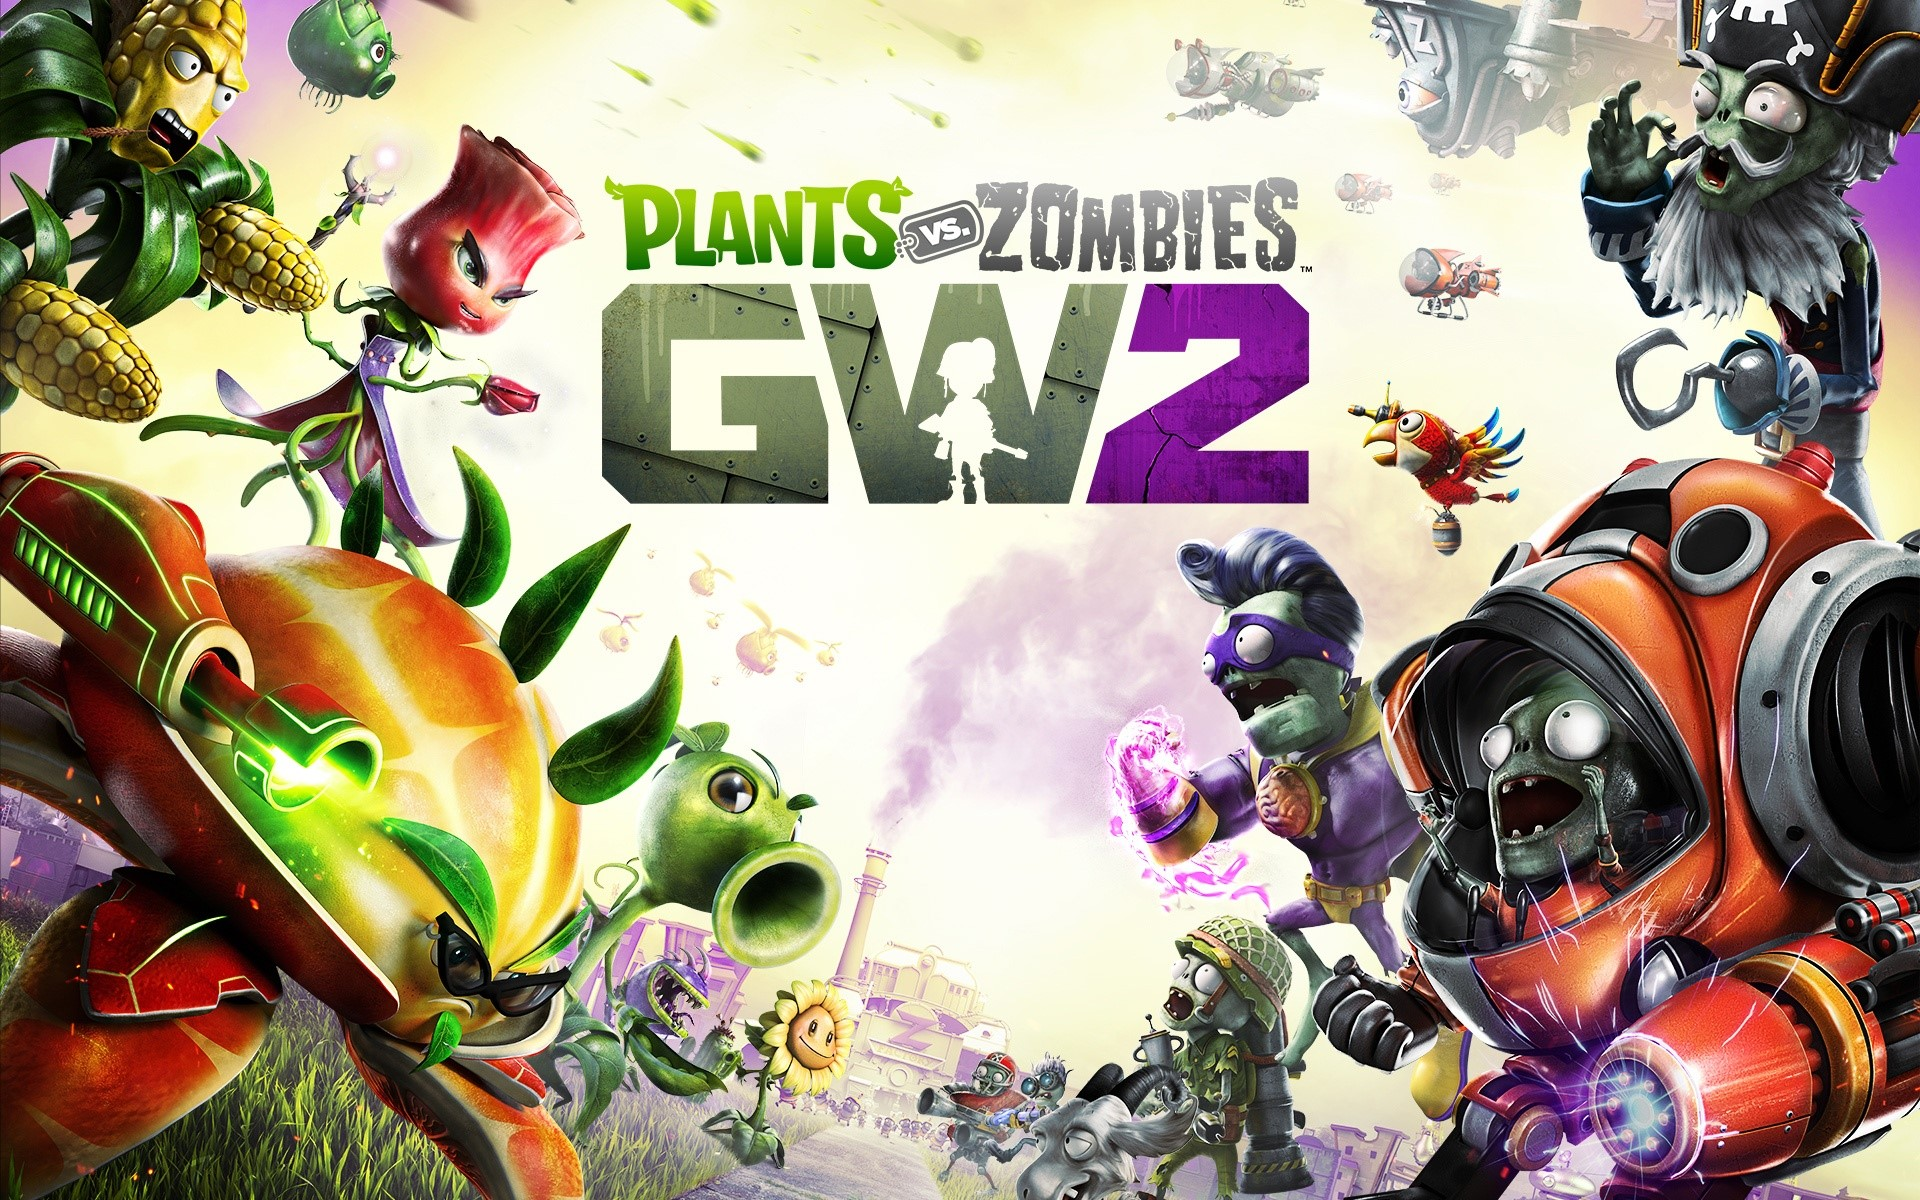 Fondo de pantalla de Plants vs Zombies Garden Warfare 2 Imágenes